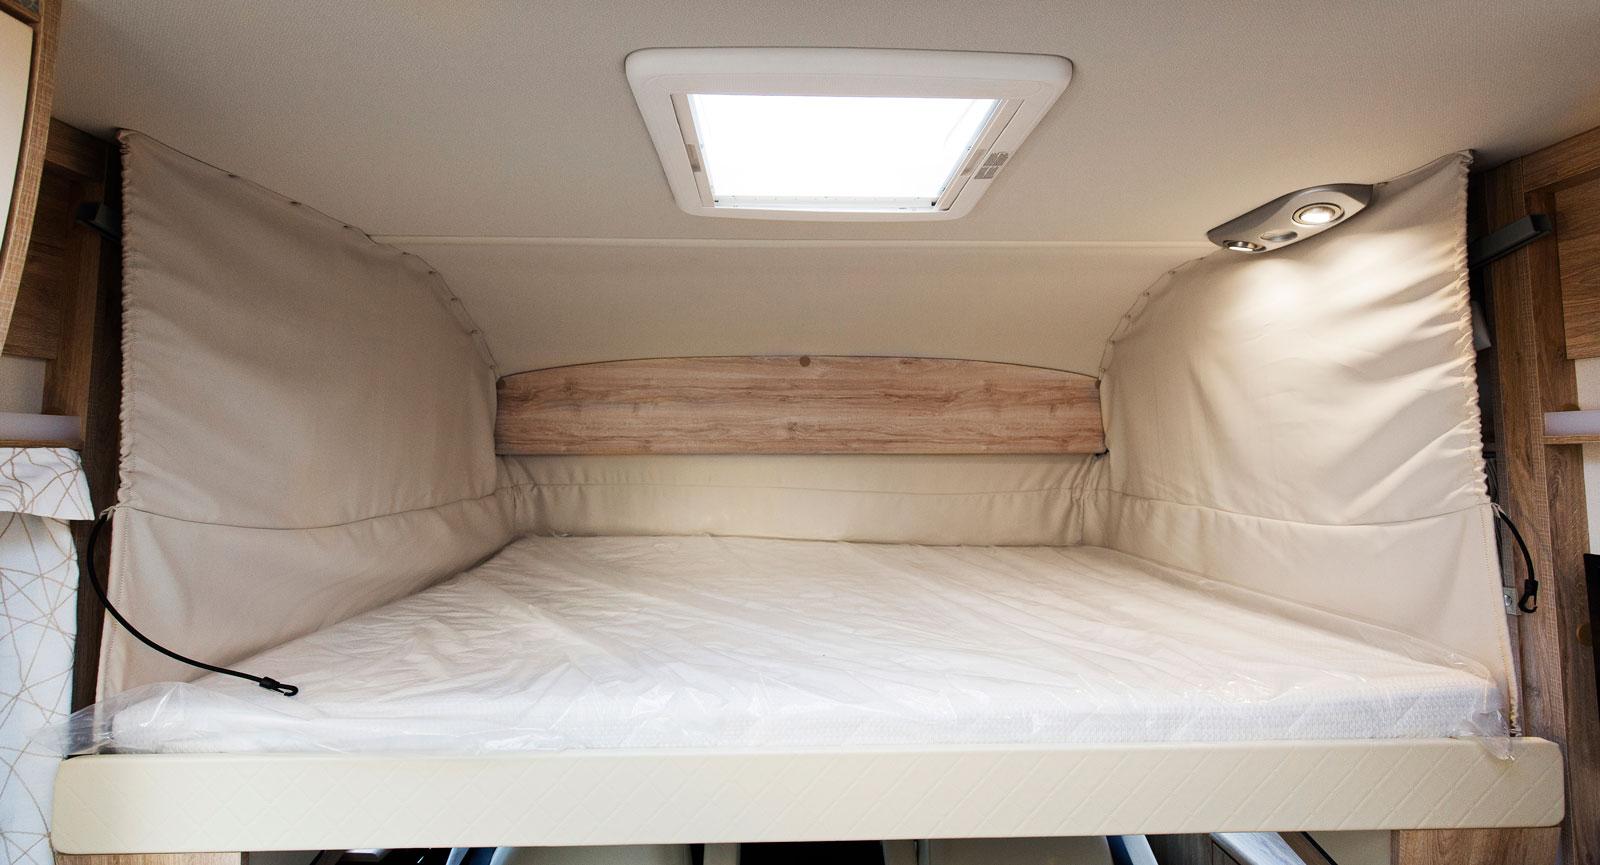 Den främre sängen är ett tevligt krypin. Läslamporna riskerar dock att blända i vissa lägen.